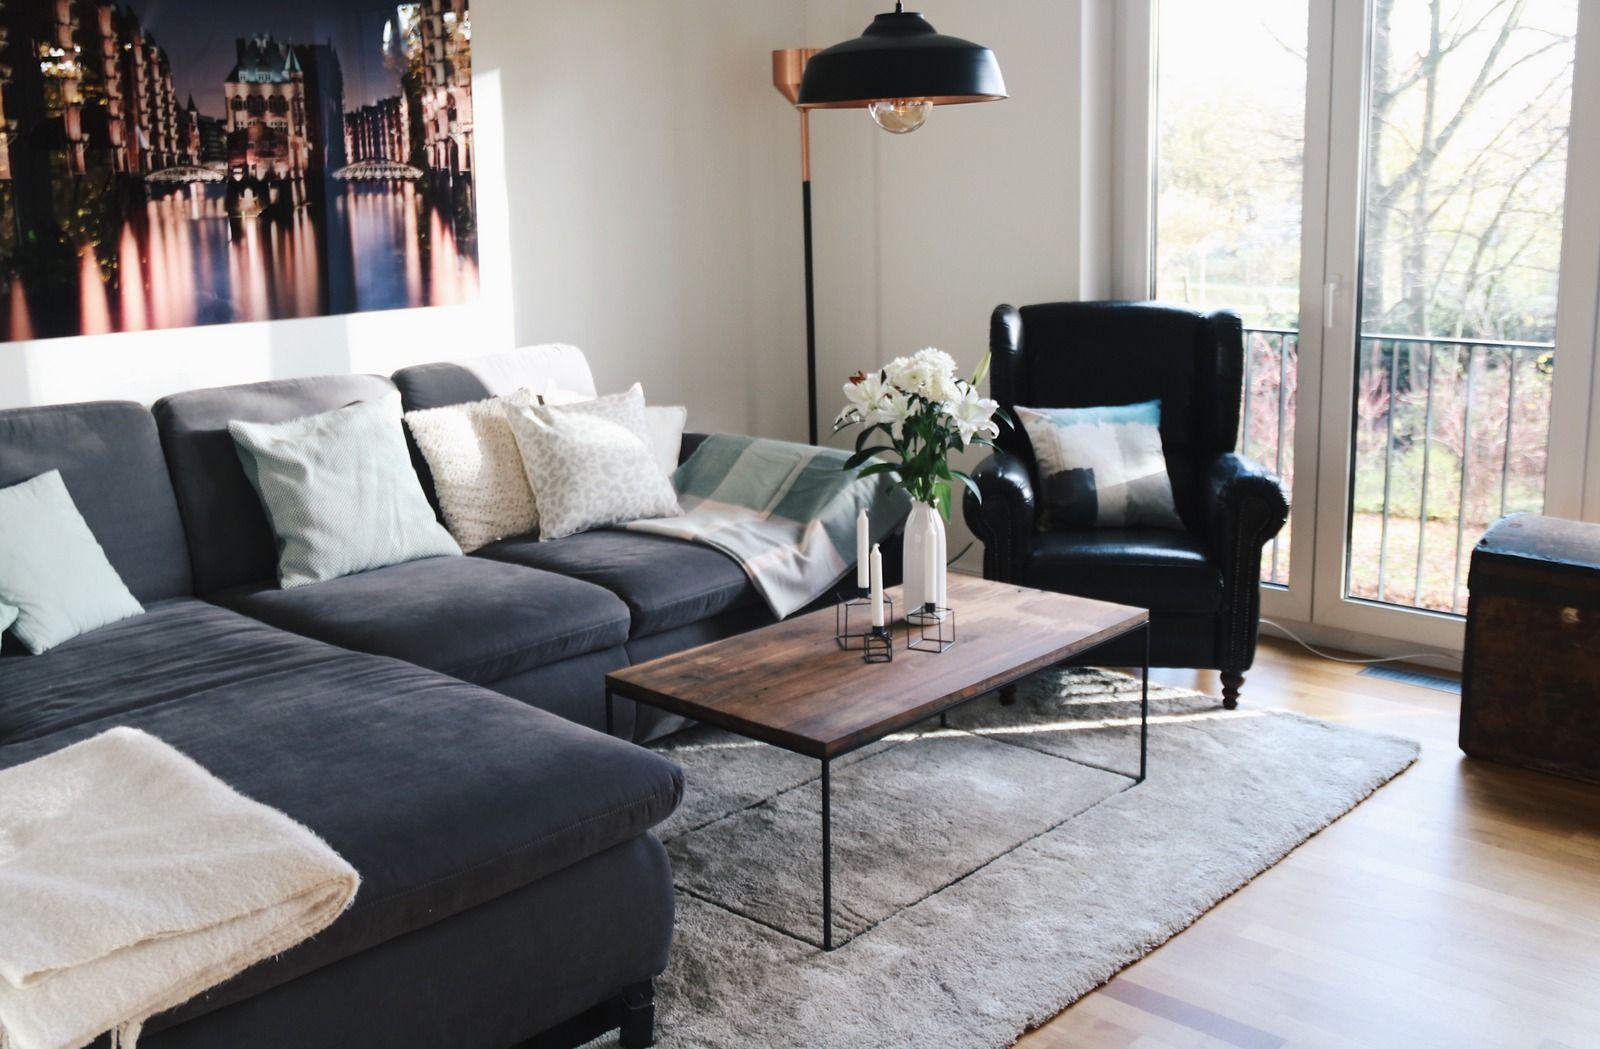 Wohnzimmer Blumen ~ Wohnzimmer update relax in winter mit esprit home winter